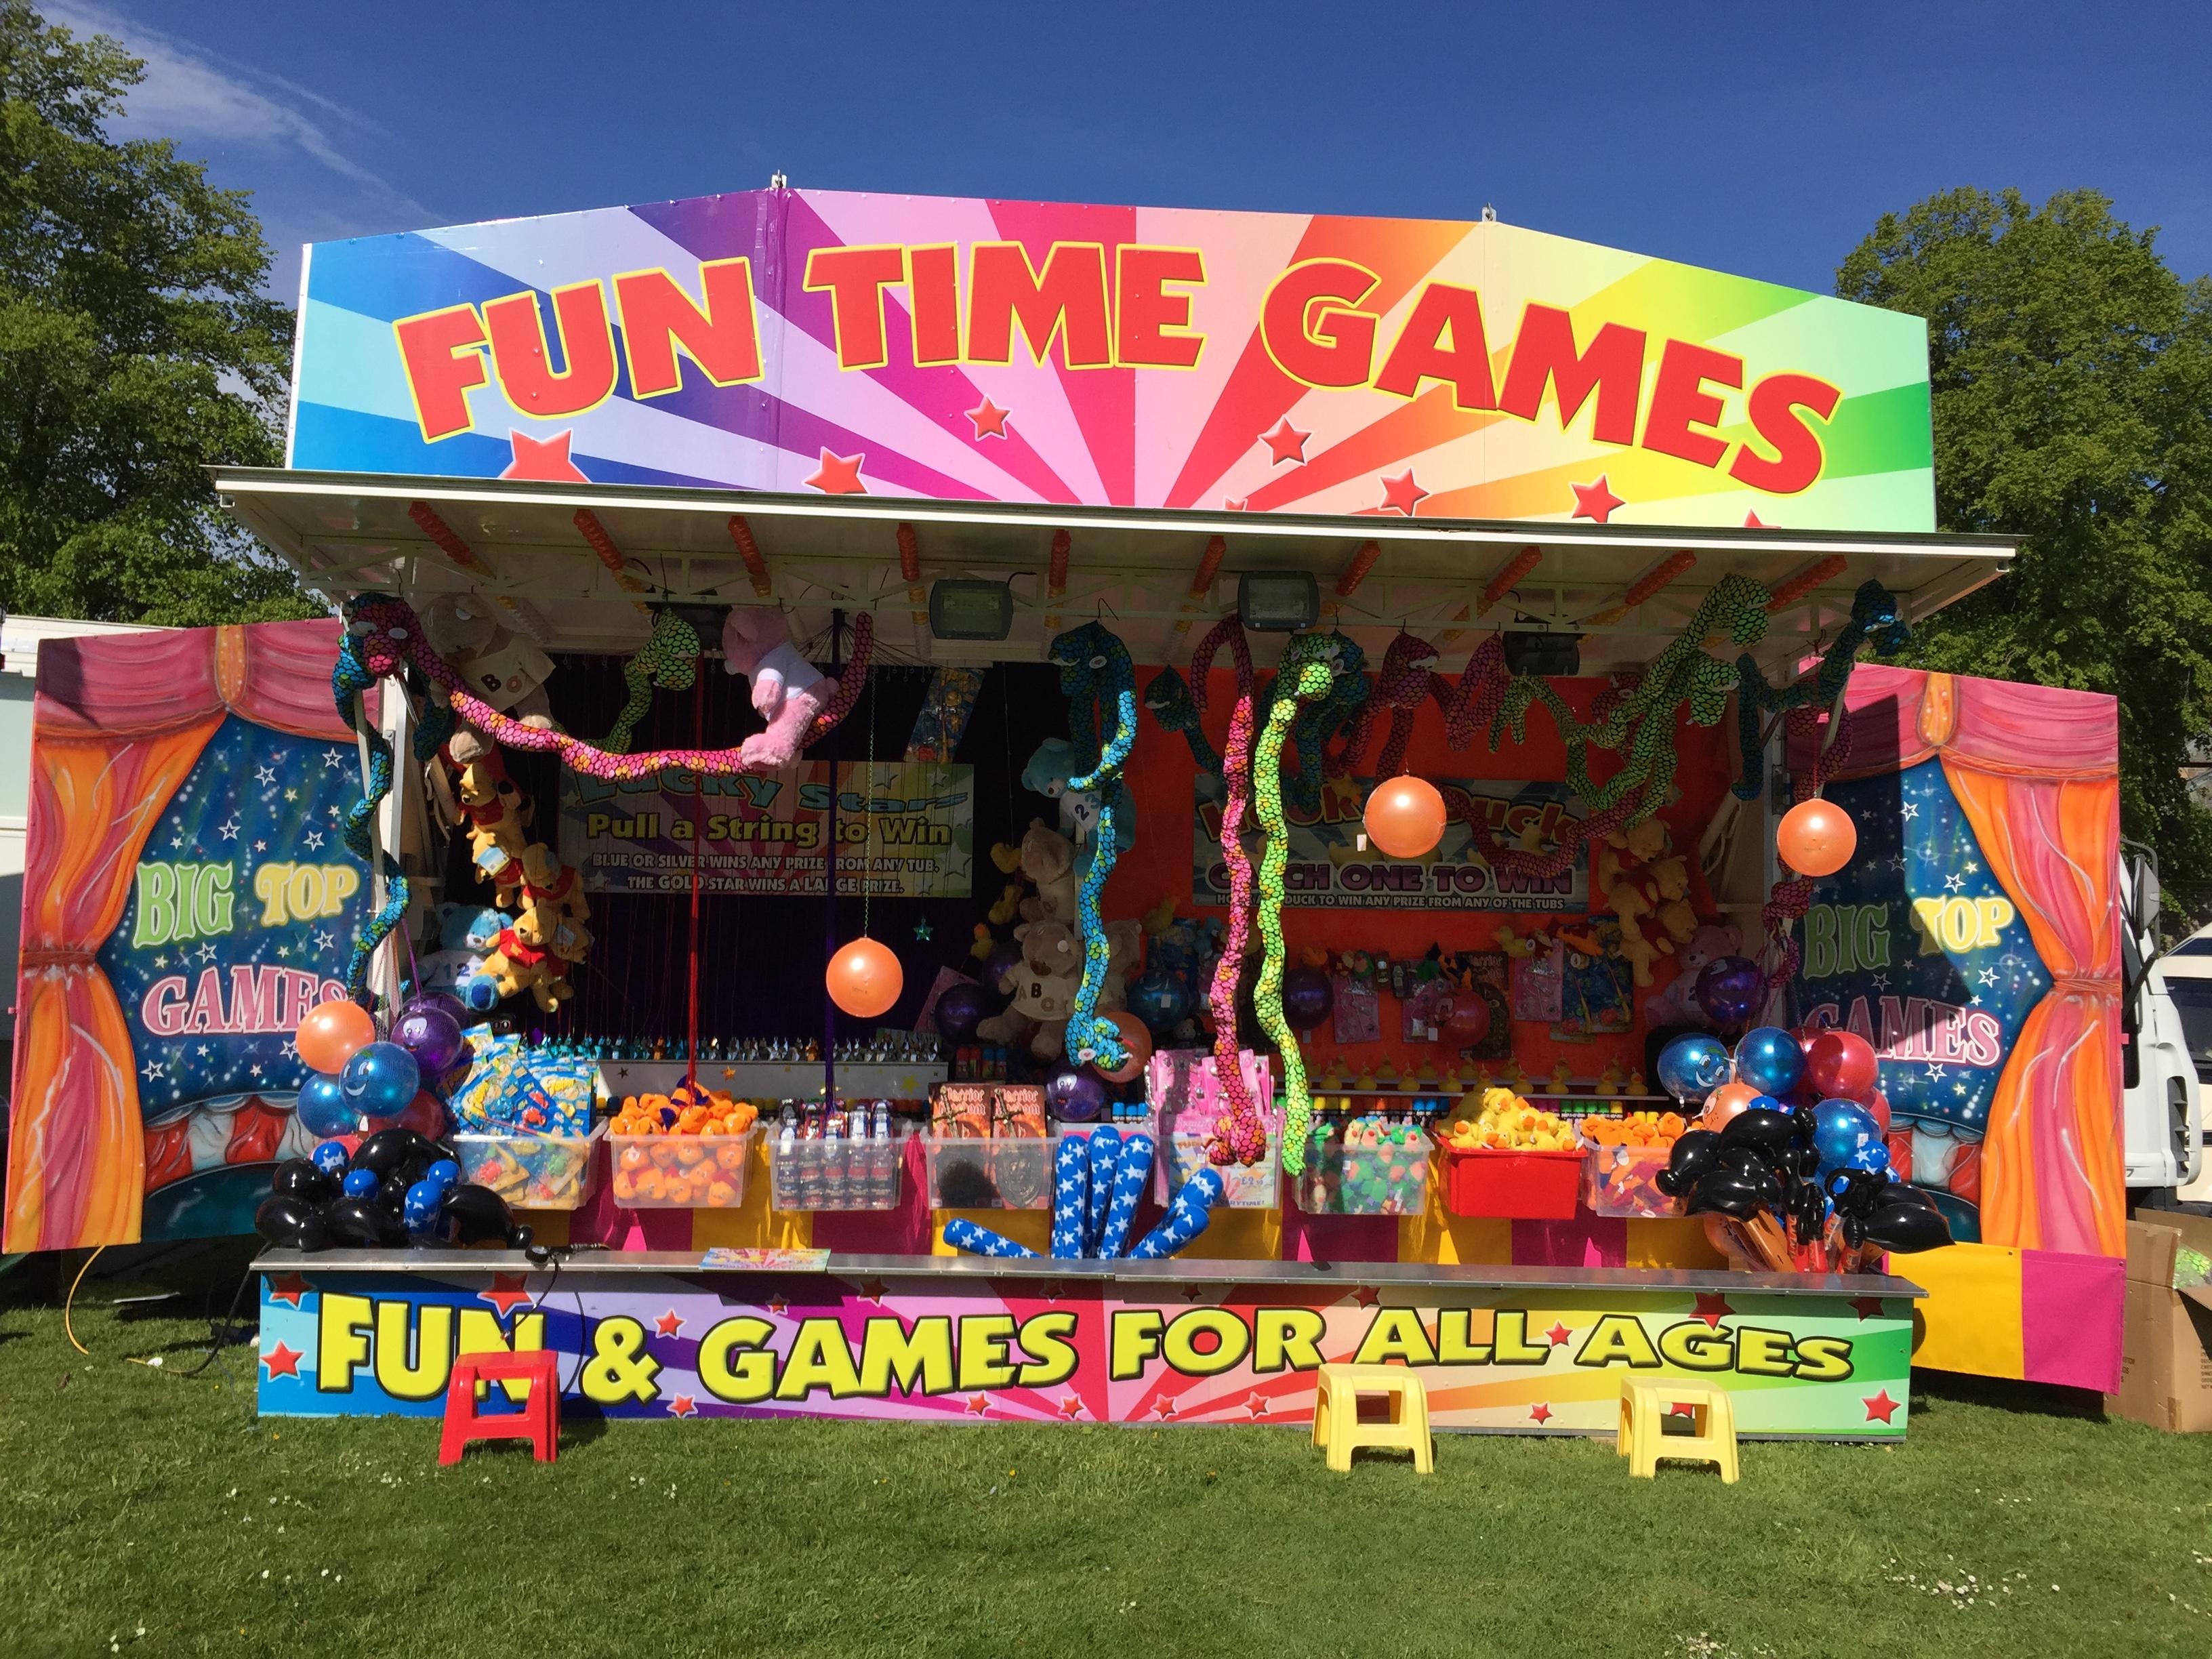 Fun Time Games